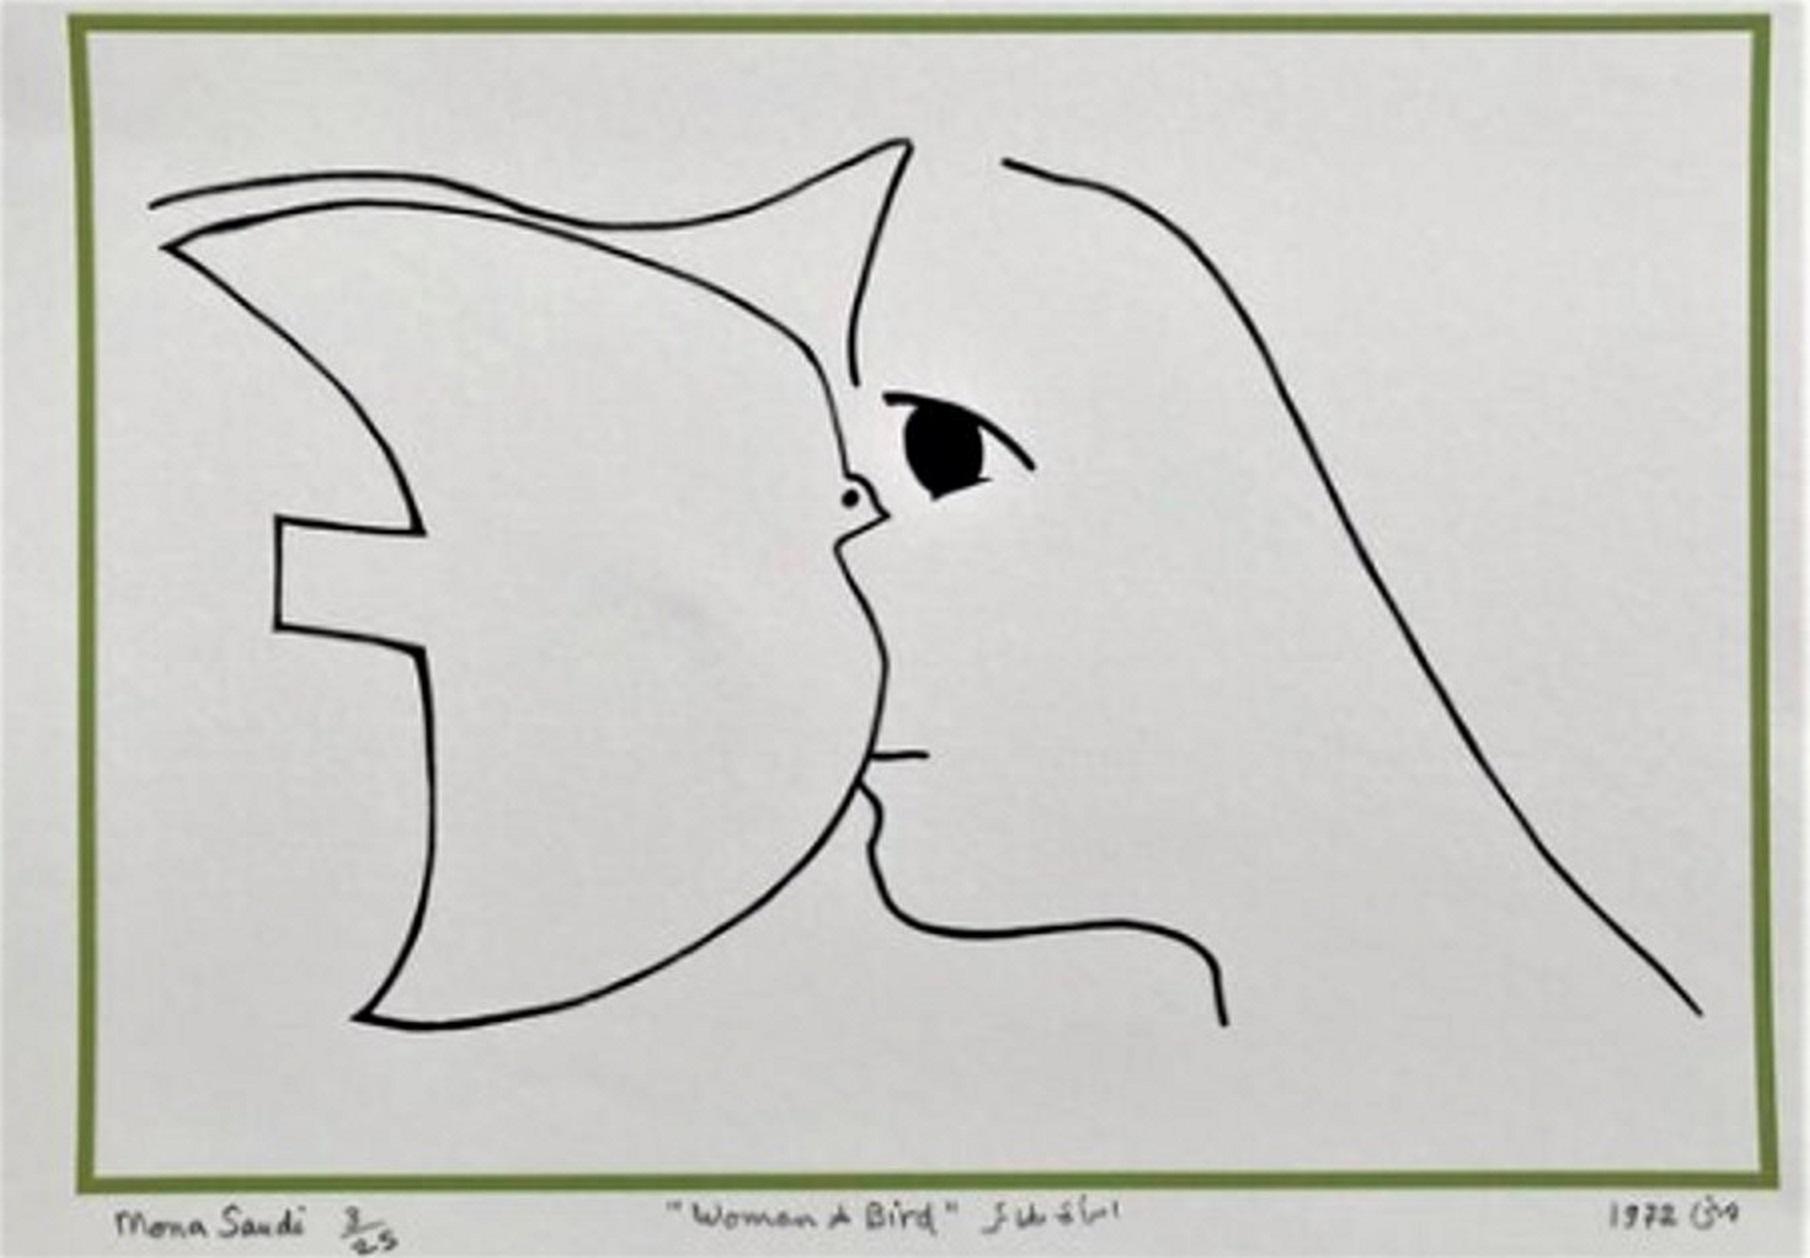 (عمل للفنانة الأردنية منى السعودي، من المعرض)